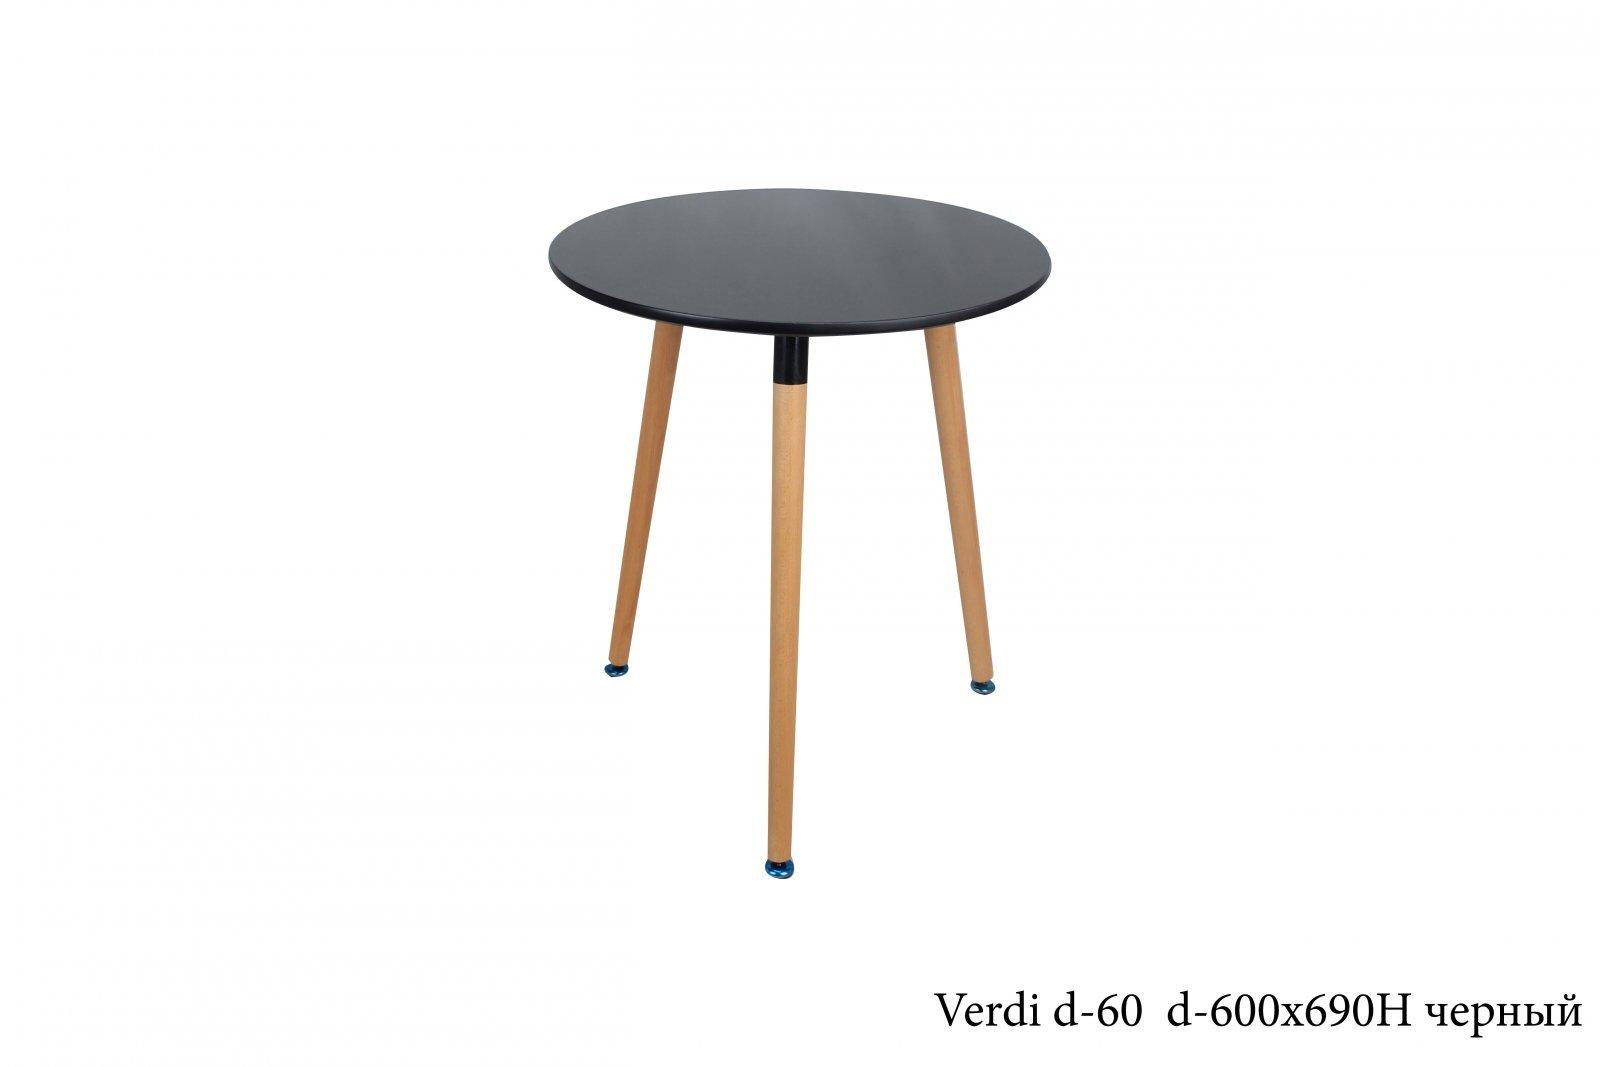 Фото - Стол круглий Verdi